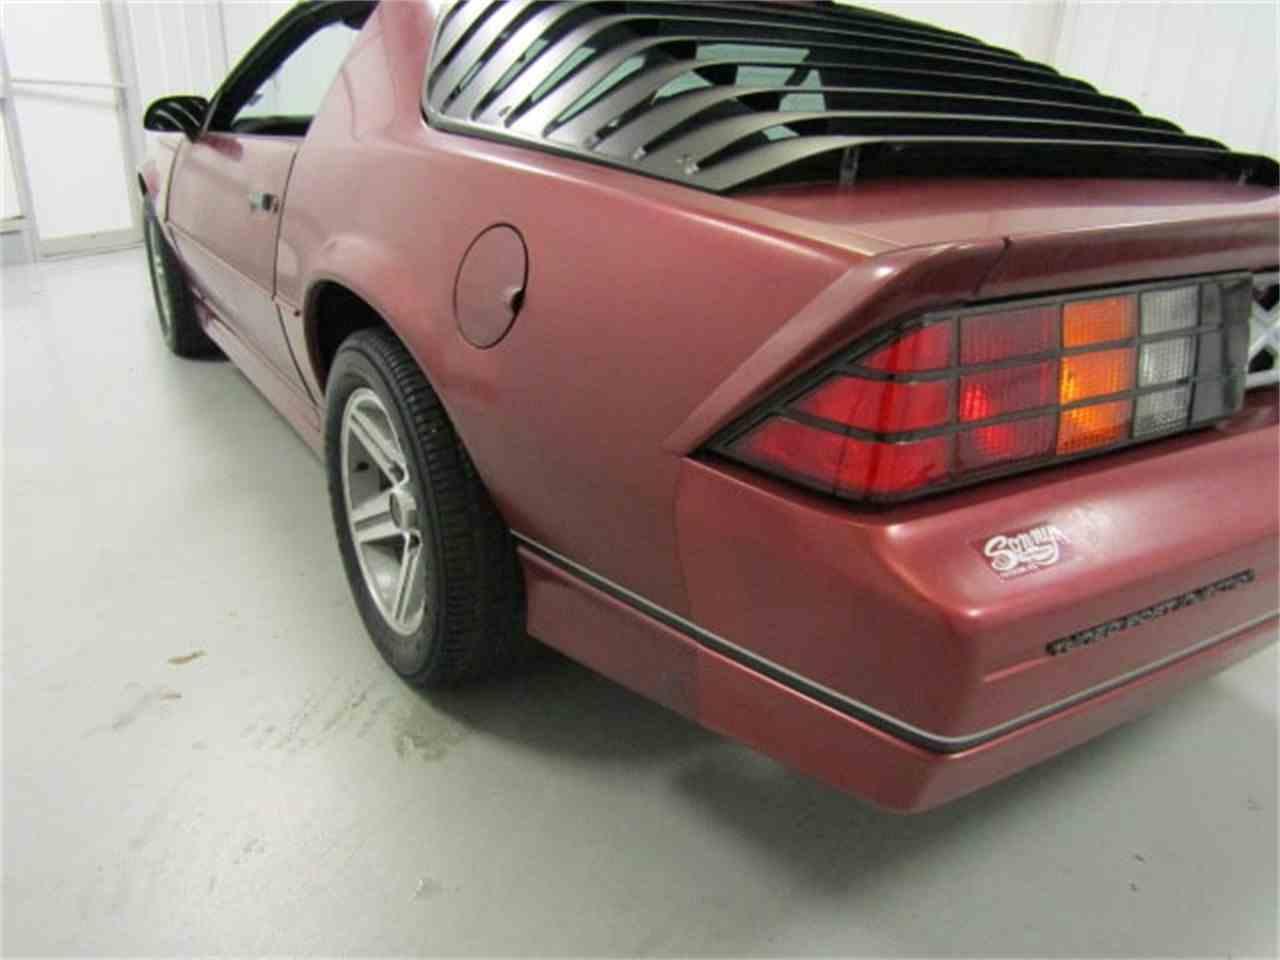 Large Picture of '86 Camaro located in Virginia - $24,900.00 - JLAE